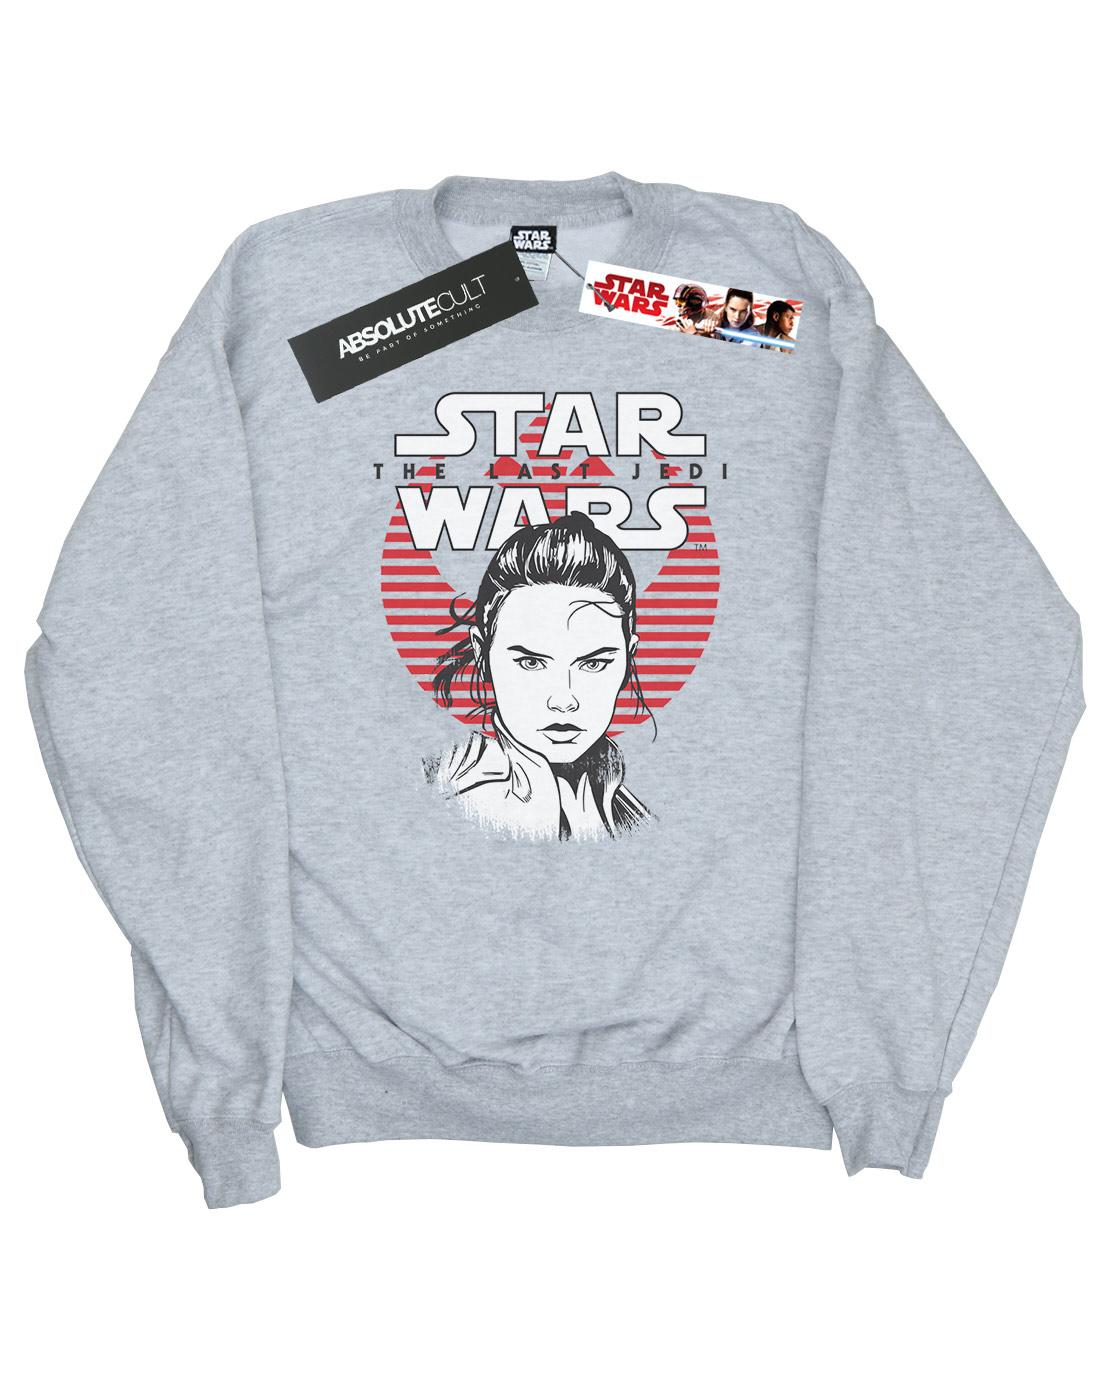 Star Wars Herren The The The Last Jedi Heroes Sweatshirt    Deutsche Outlets  b45899